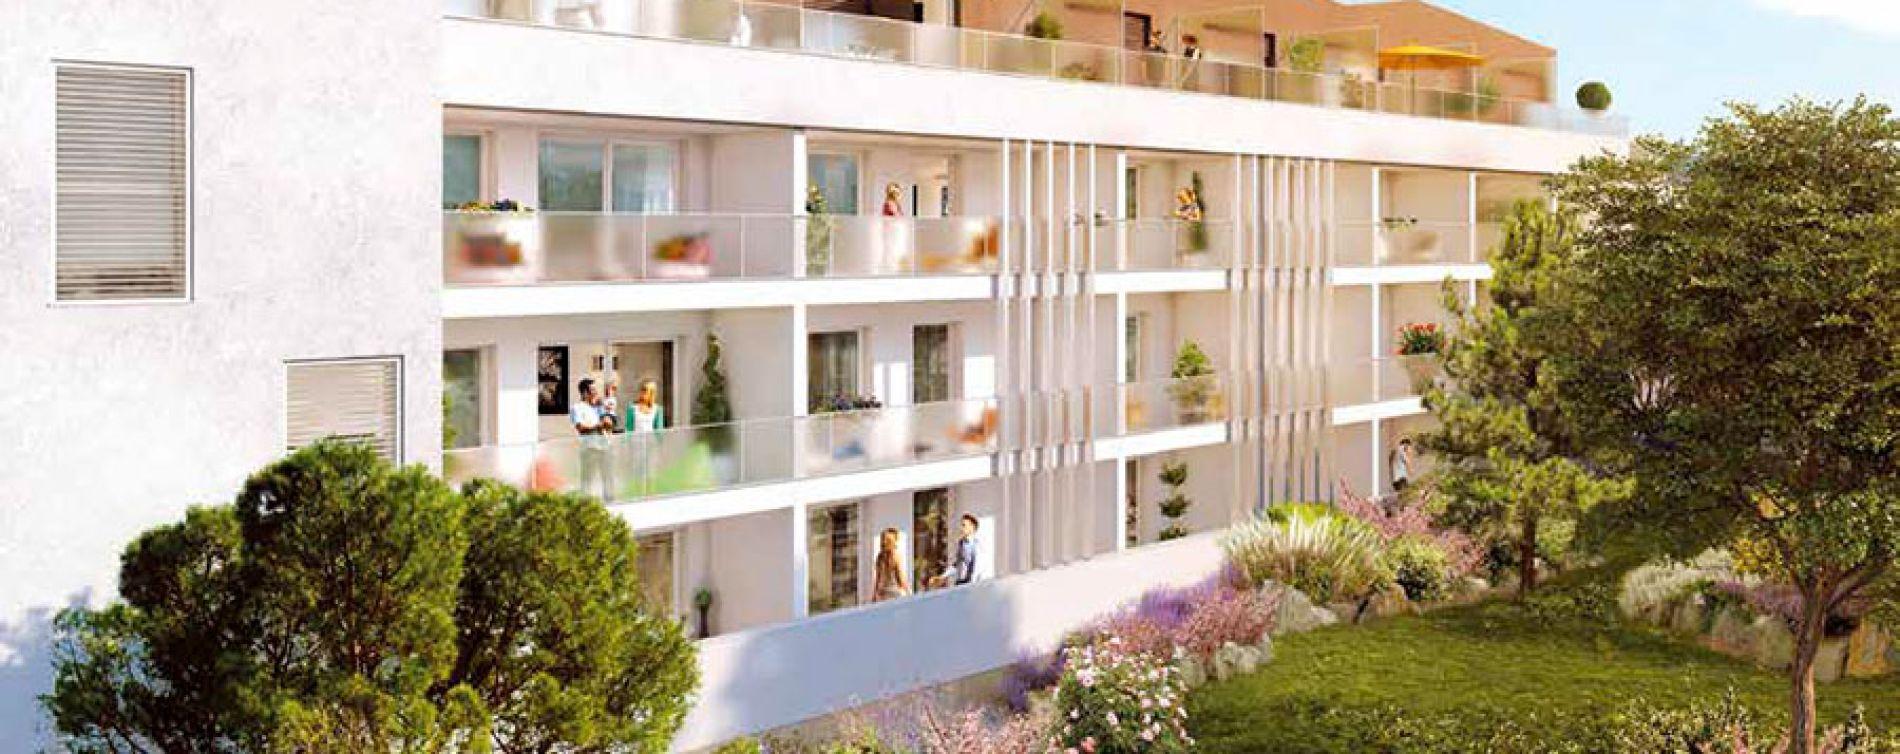 Résidence Urban Lodge à Béziers